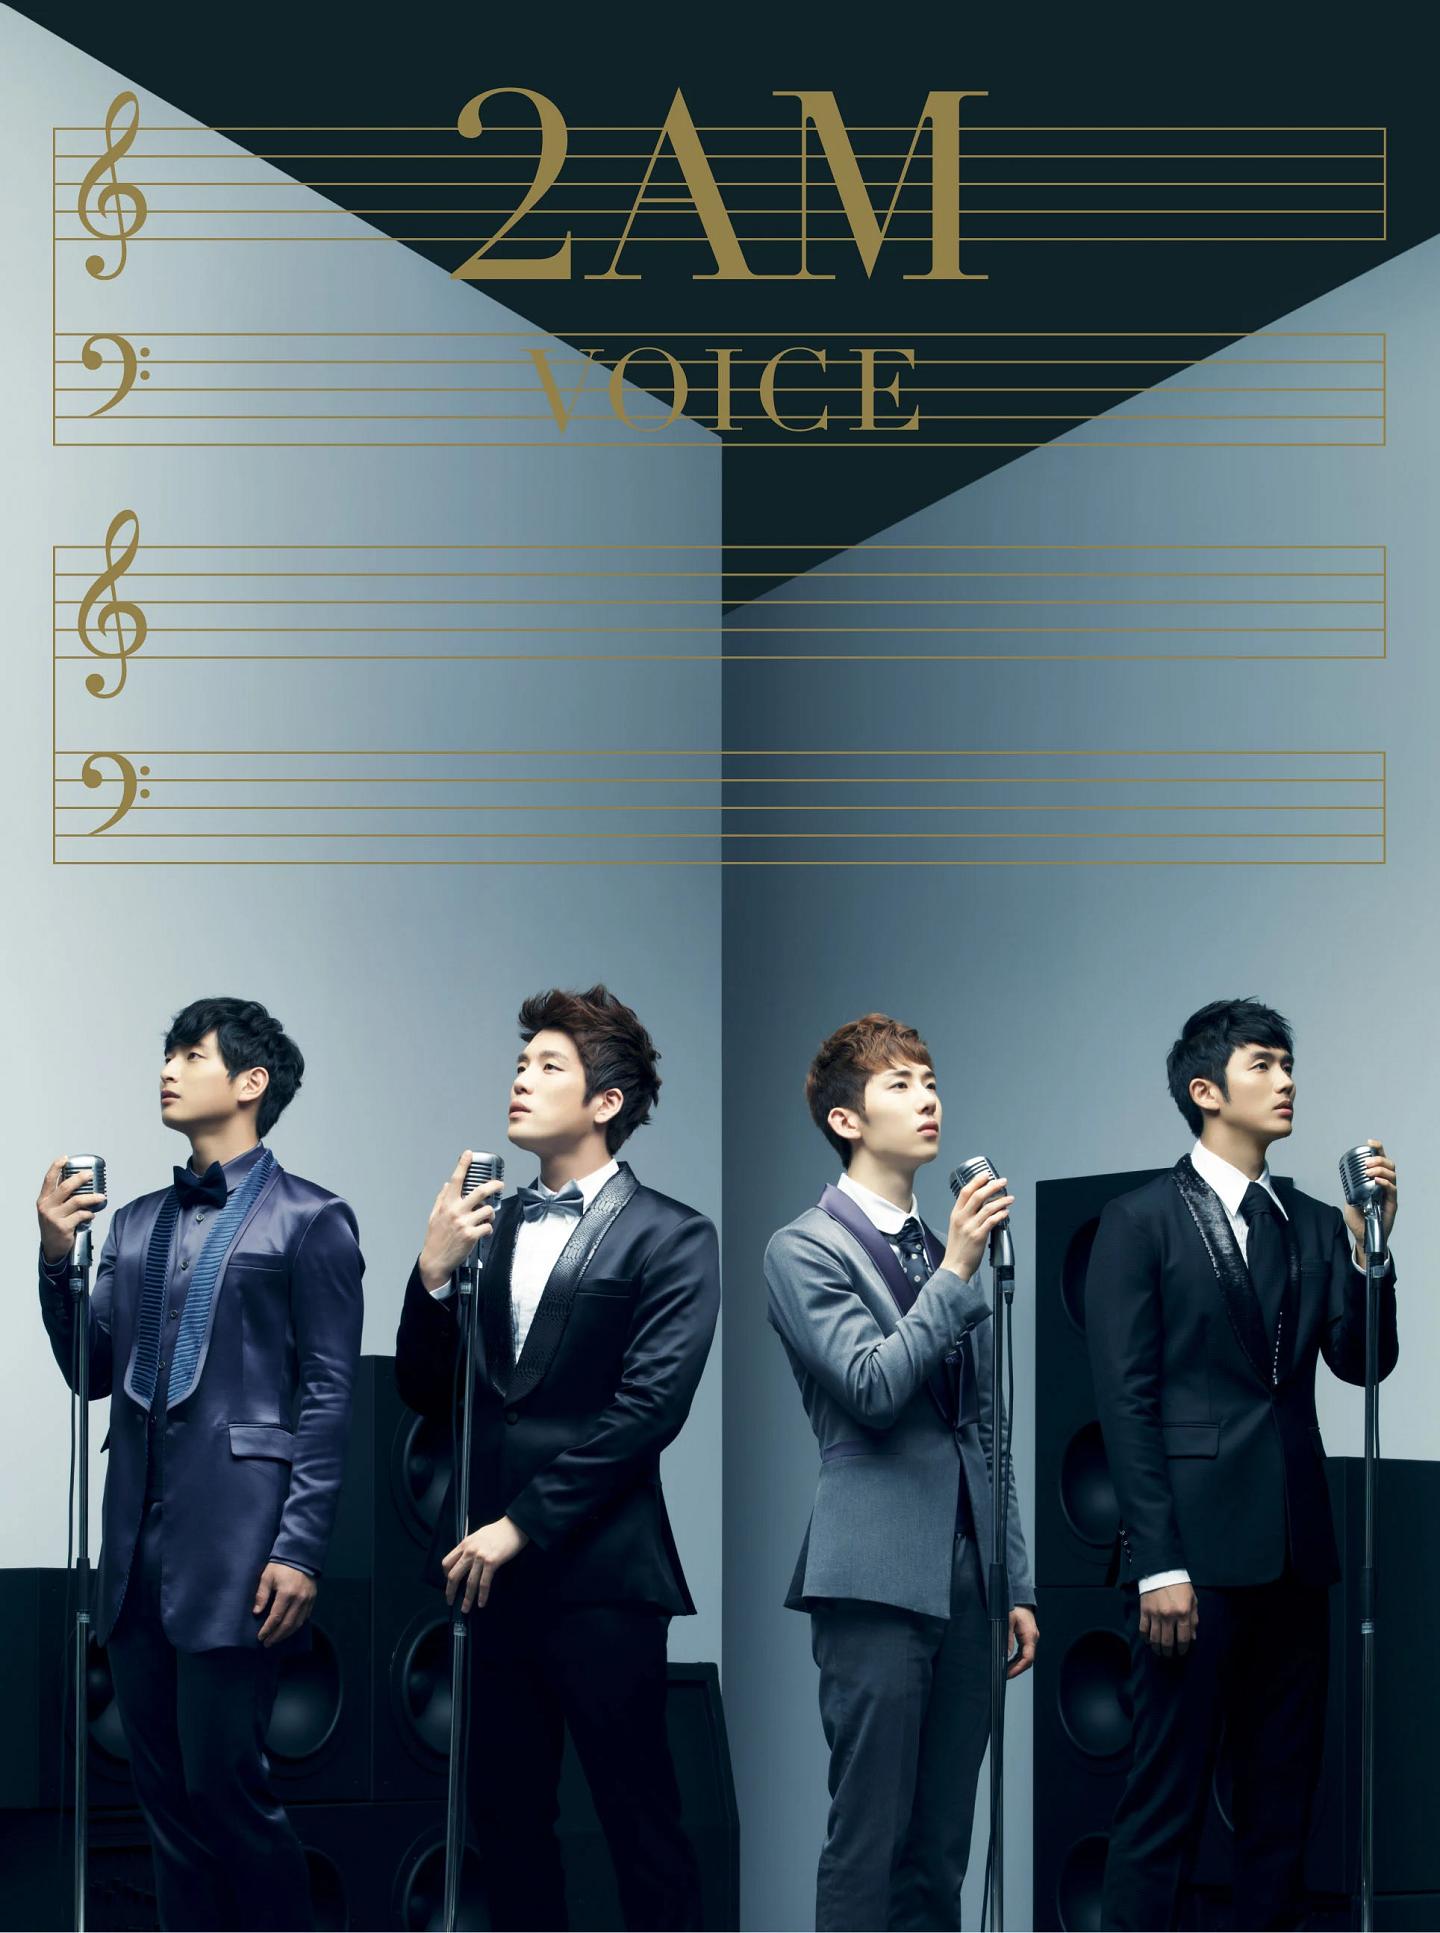 Voice (2AM)